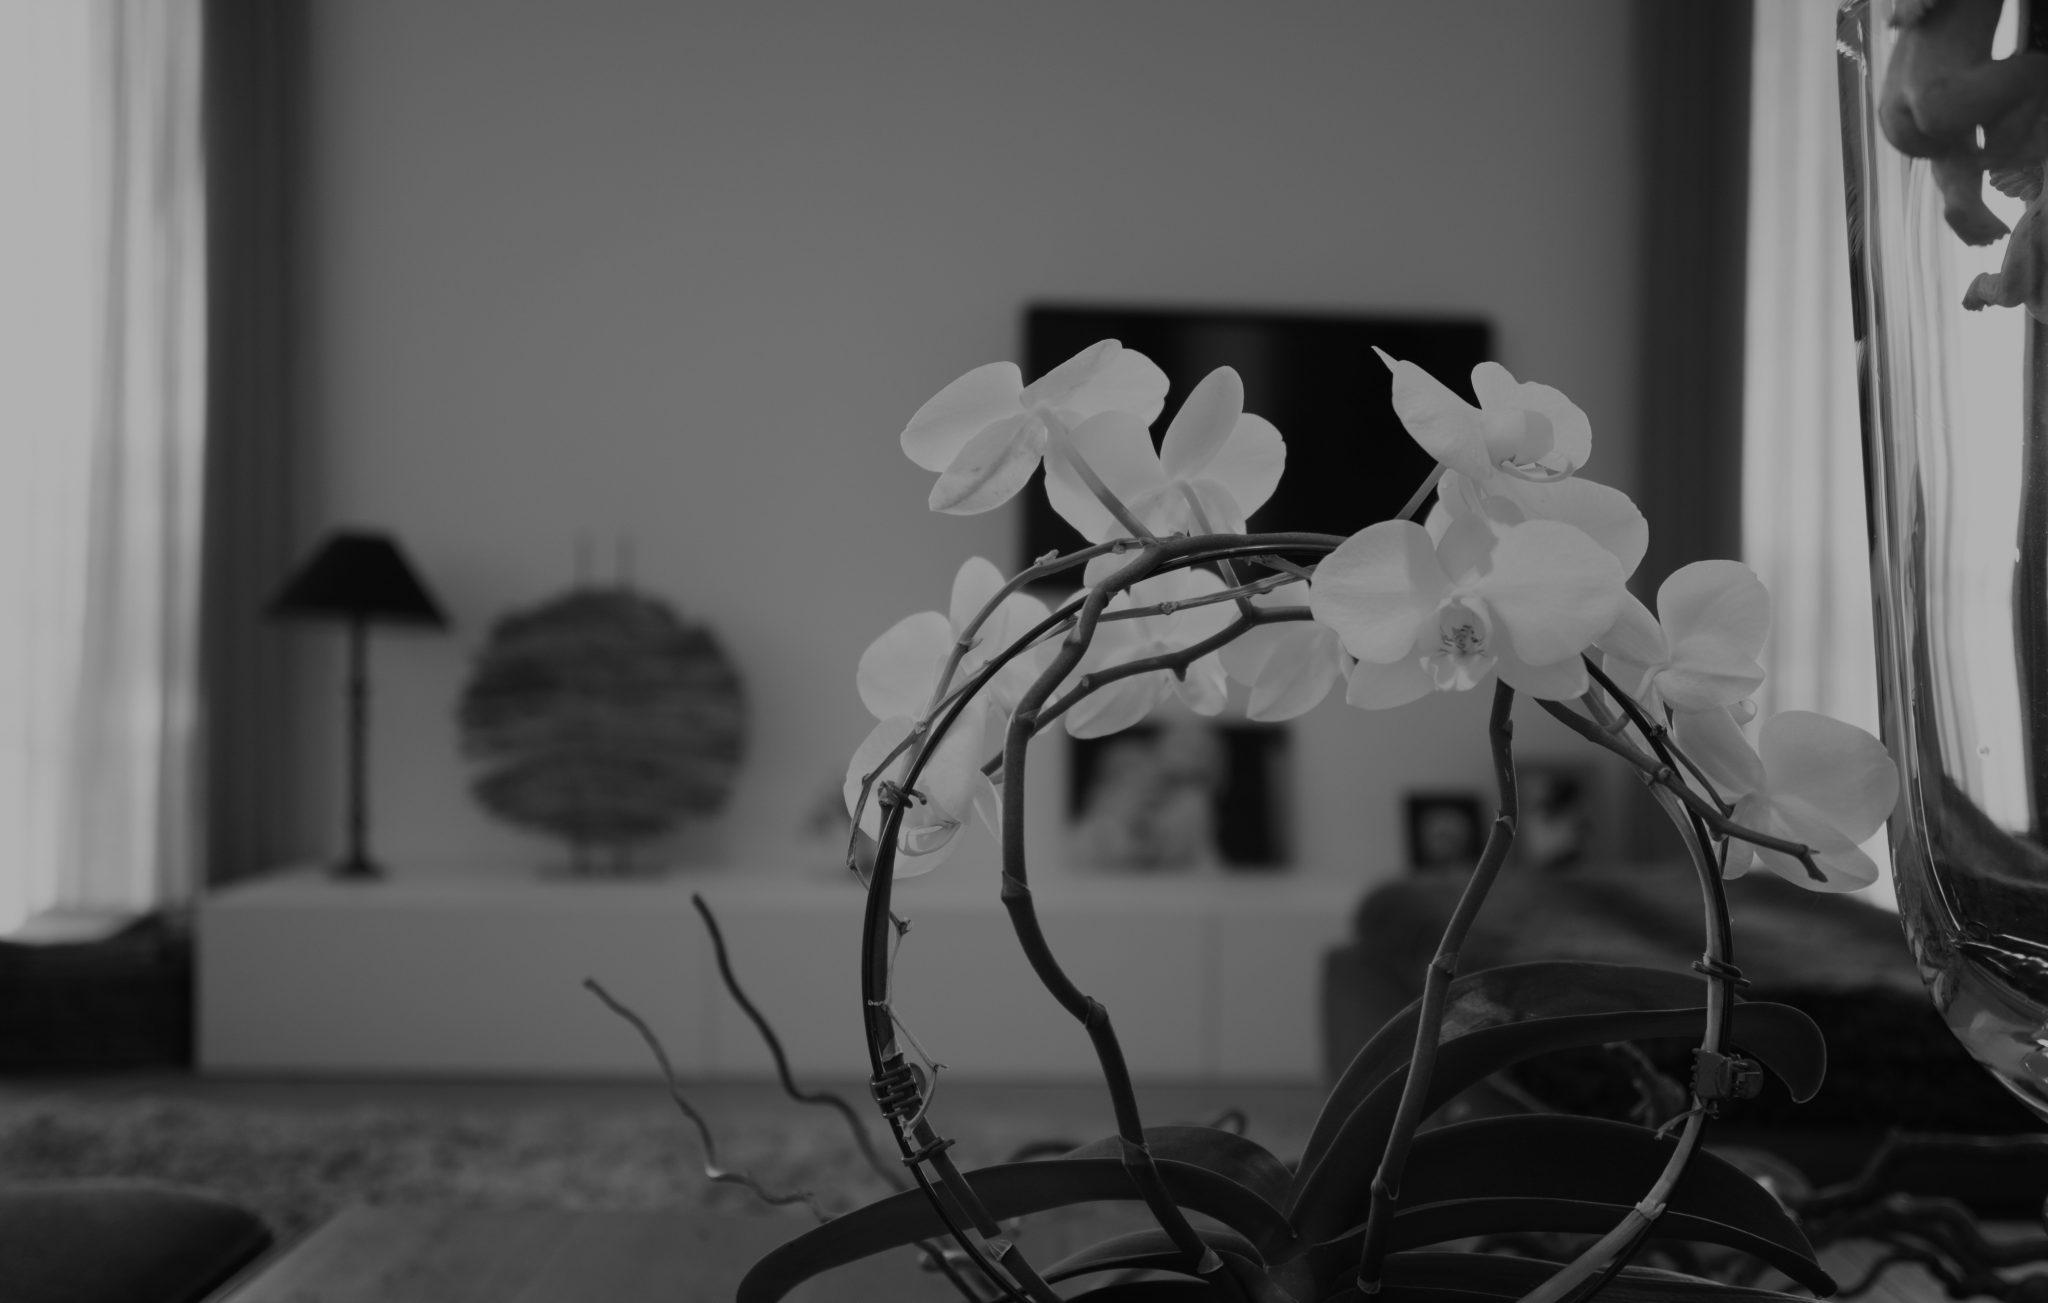 zwart wit foto van een bloem